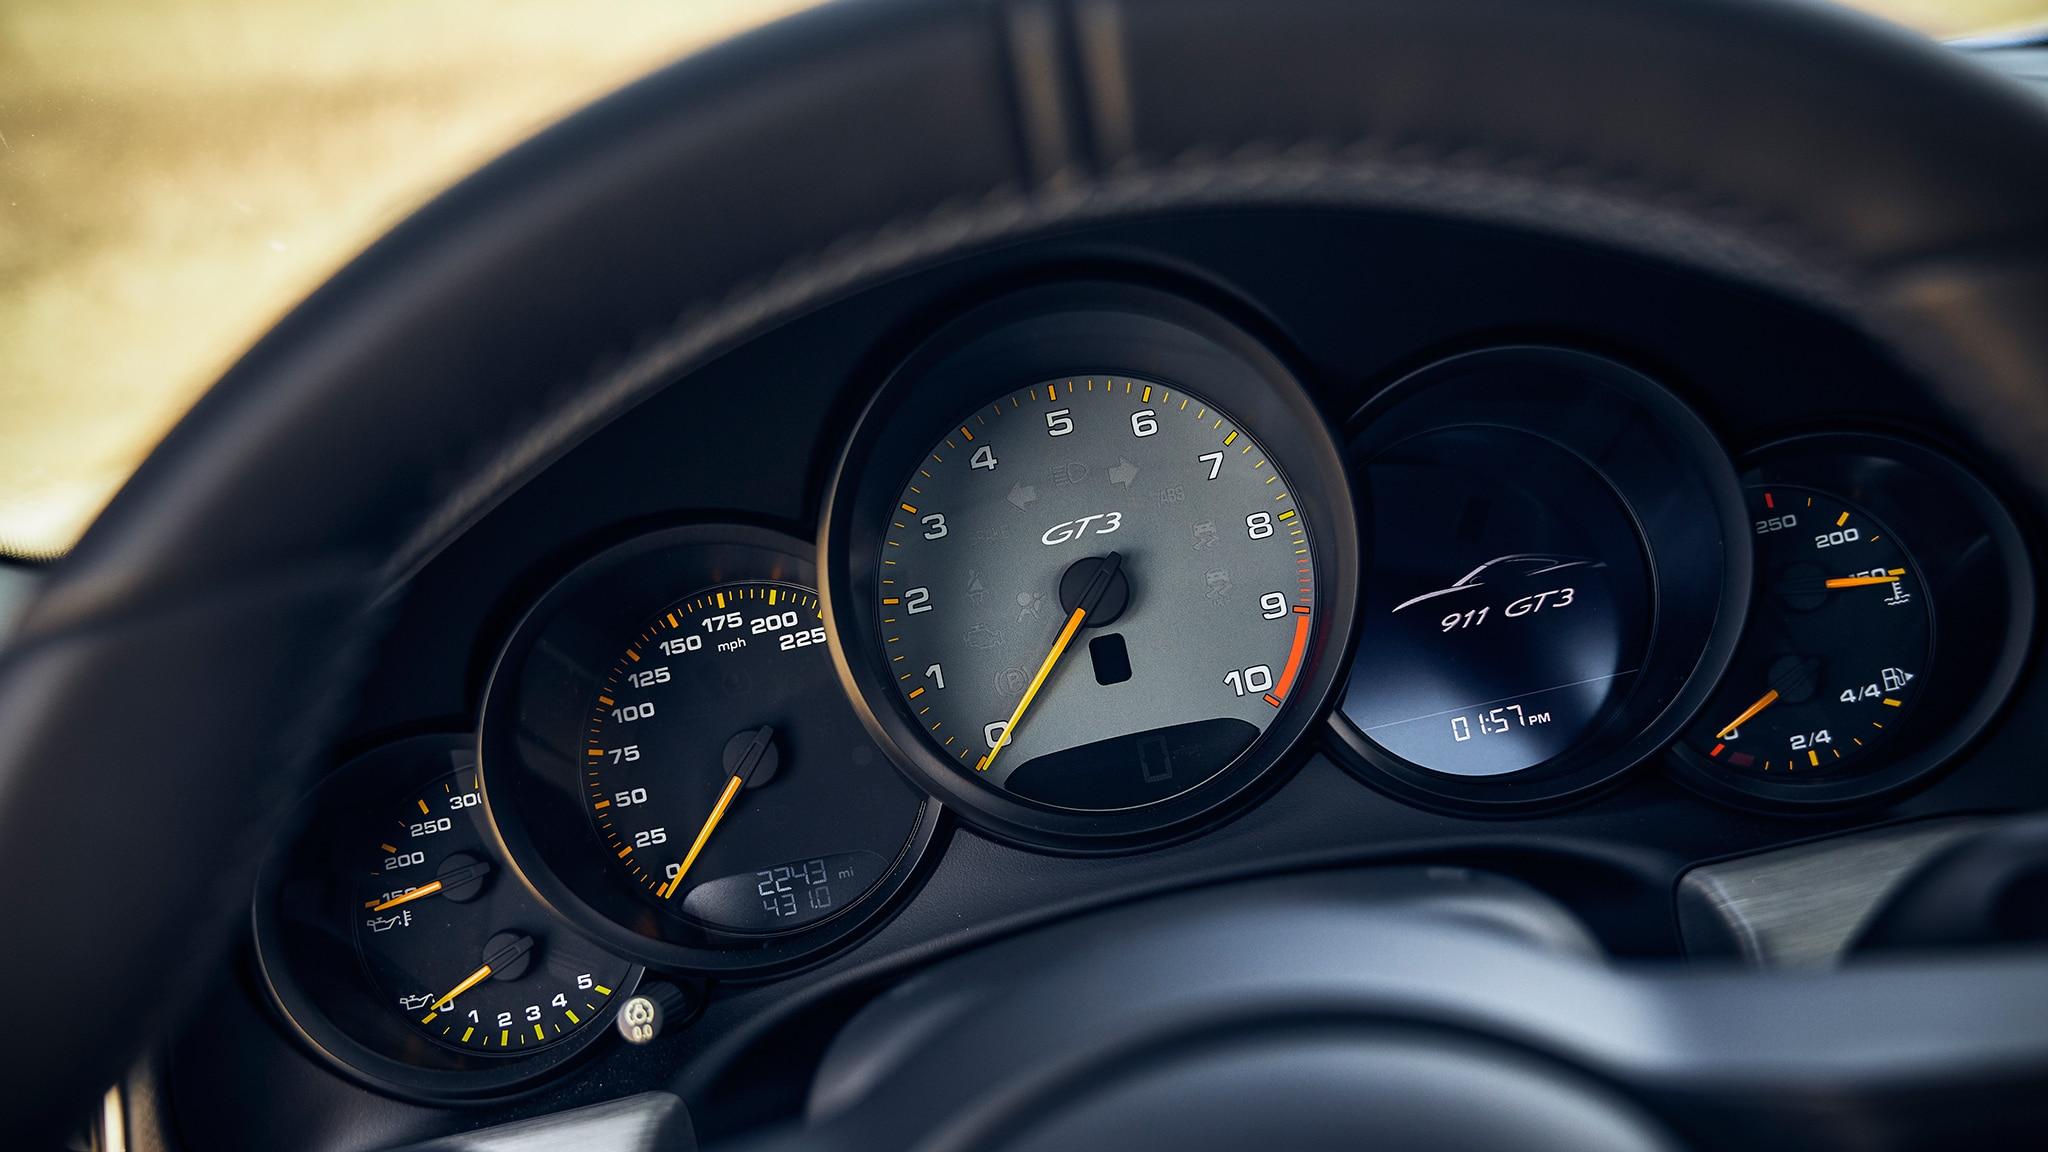 Porsche 911 GT3 Touring Lap Video: Pro Racer's Take